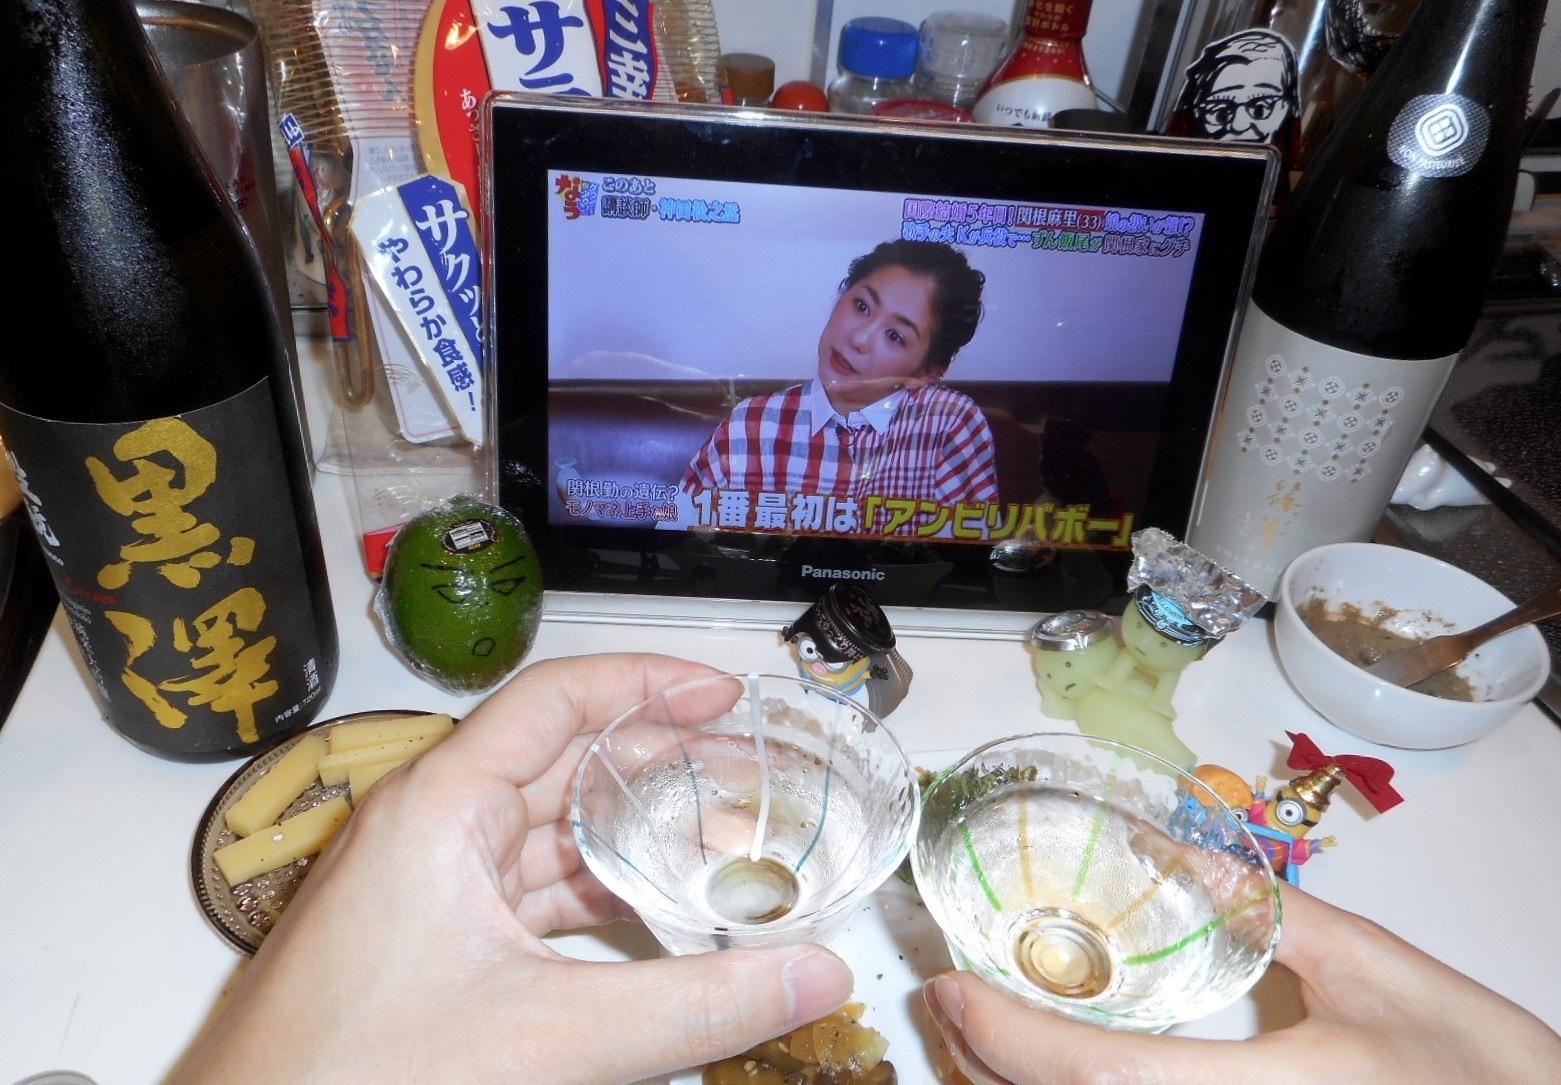 kurosawa_kinmon28by2_3.jpg